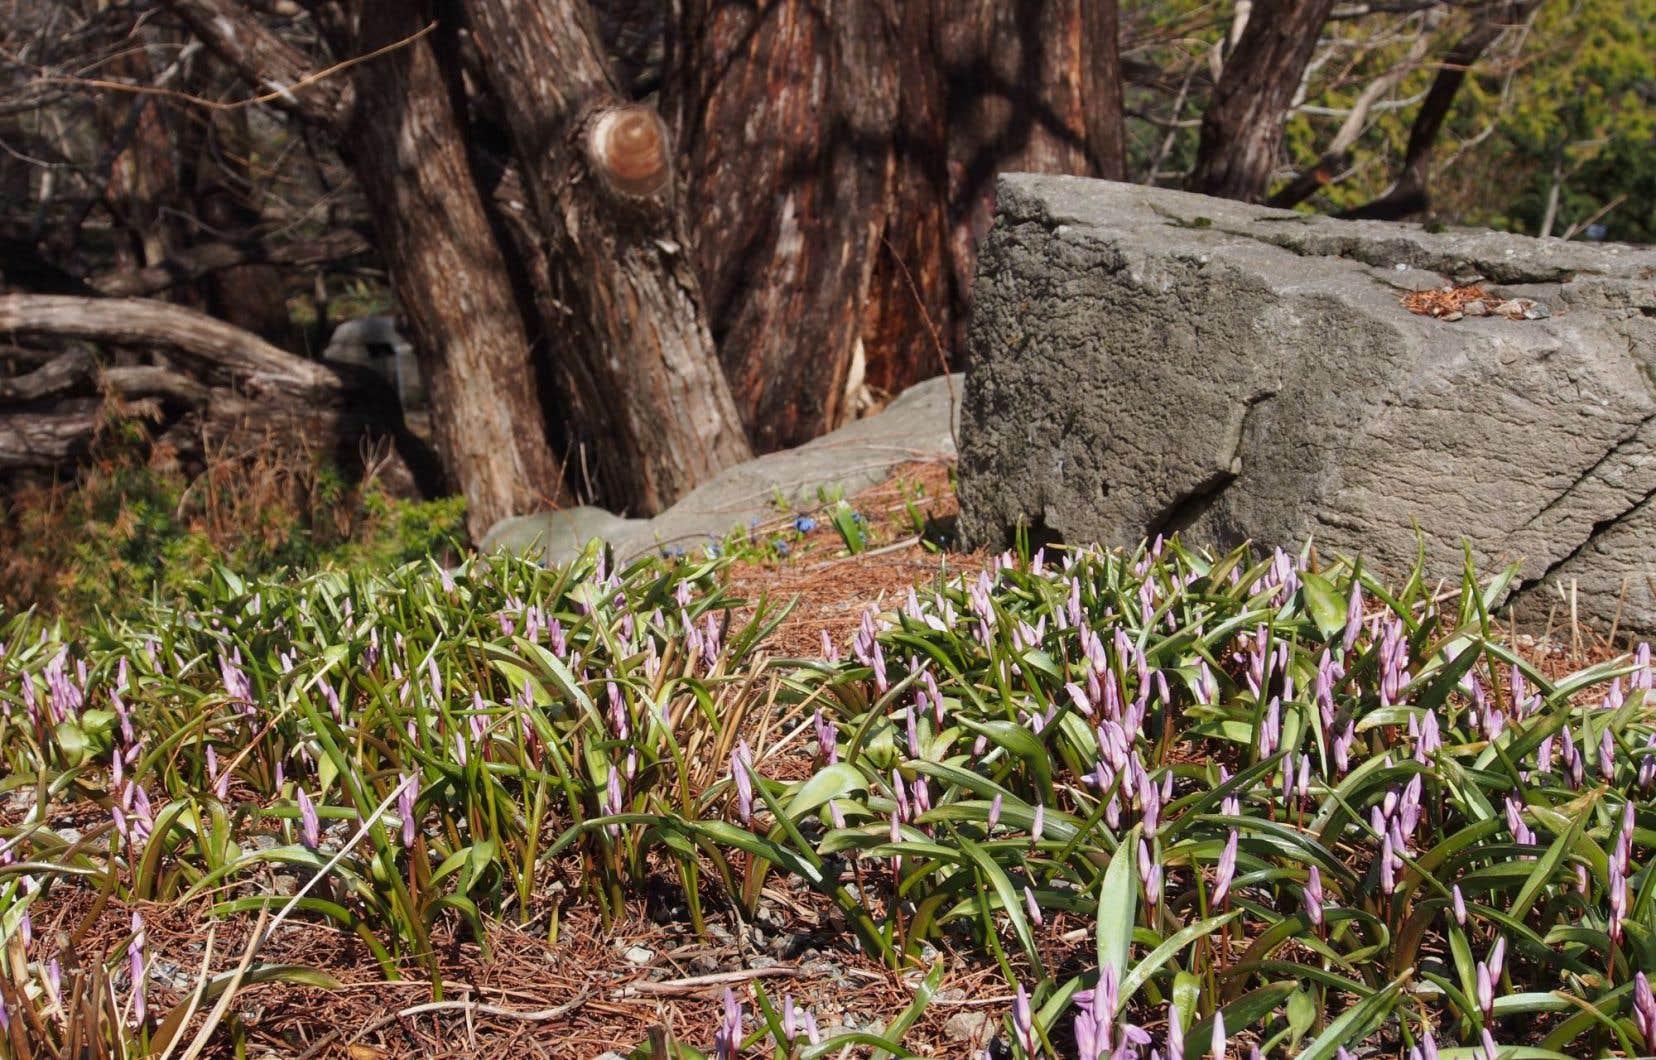 La plupart des petits bulbes printaniers ont la faculté de se pérenniser et de former de belles colonies qui ensoleillent le jardin dès les premières douceurs. Ici, une colonie de gloire des neiges.